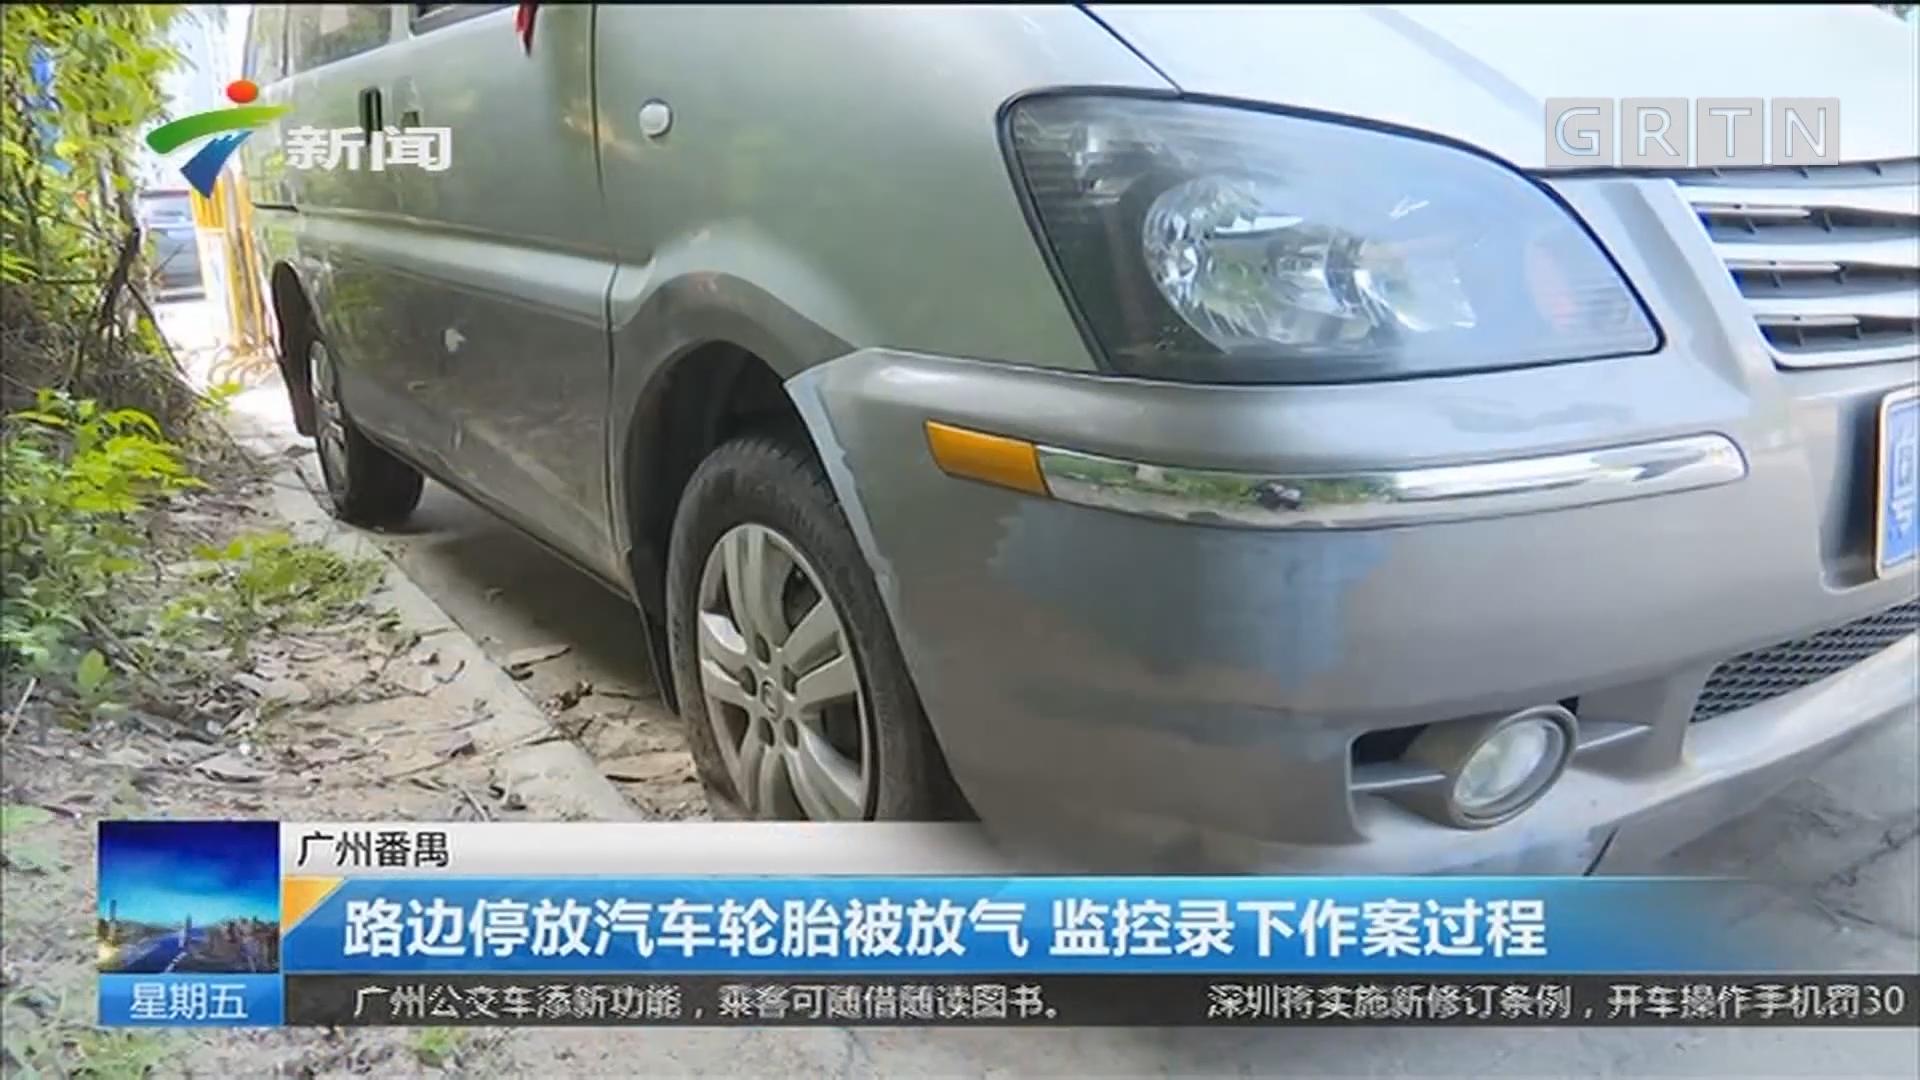 广州番禺:路边停放汽车轮胎被放气 监控录下作案过程